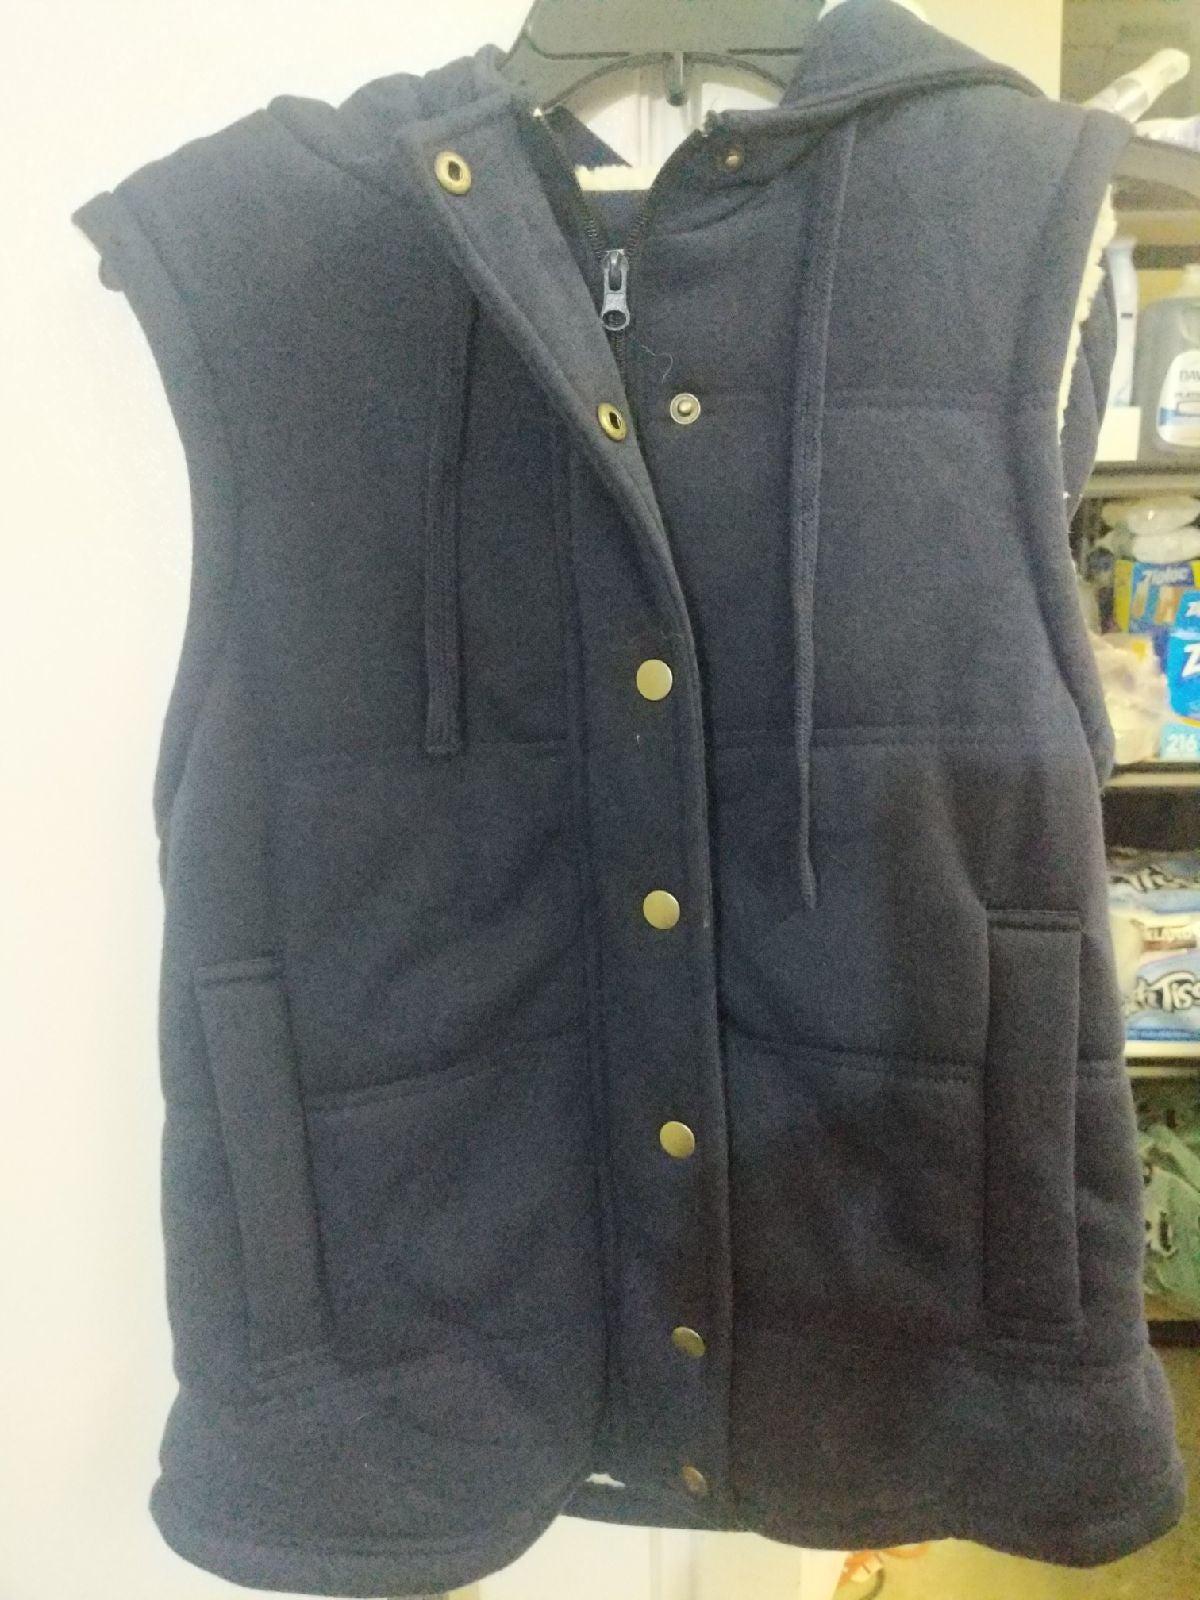 Cotton on women's vest